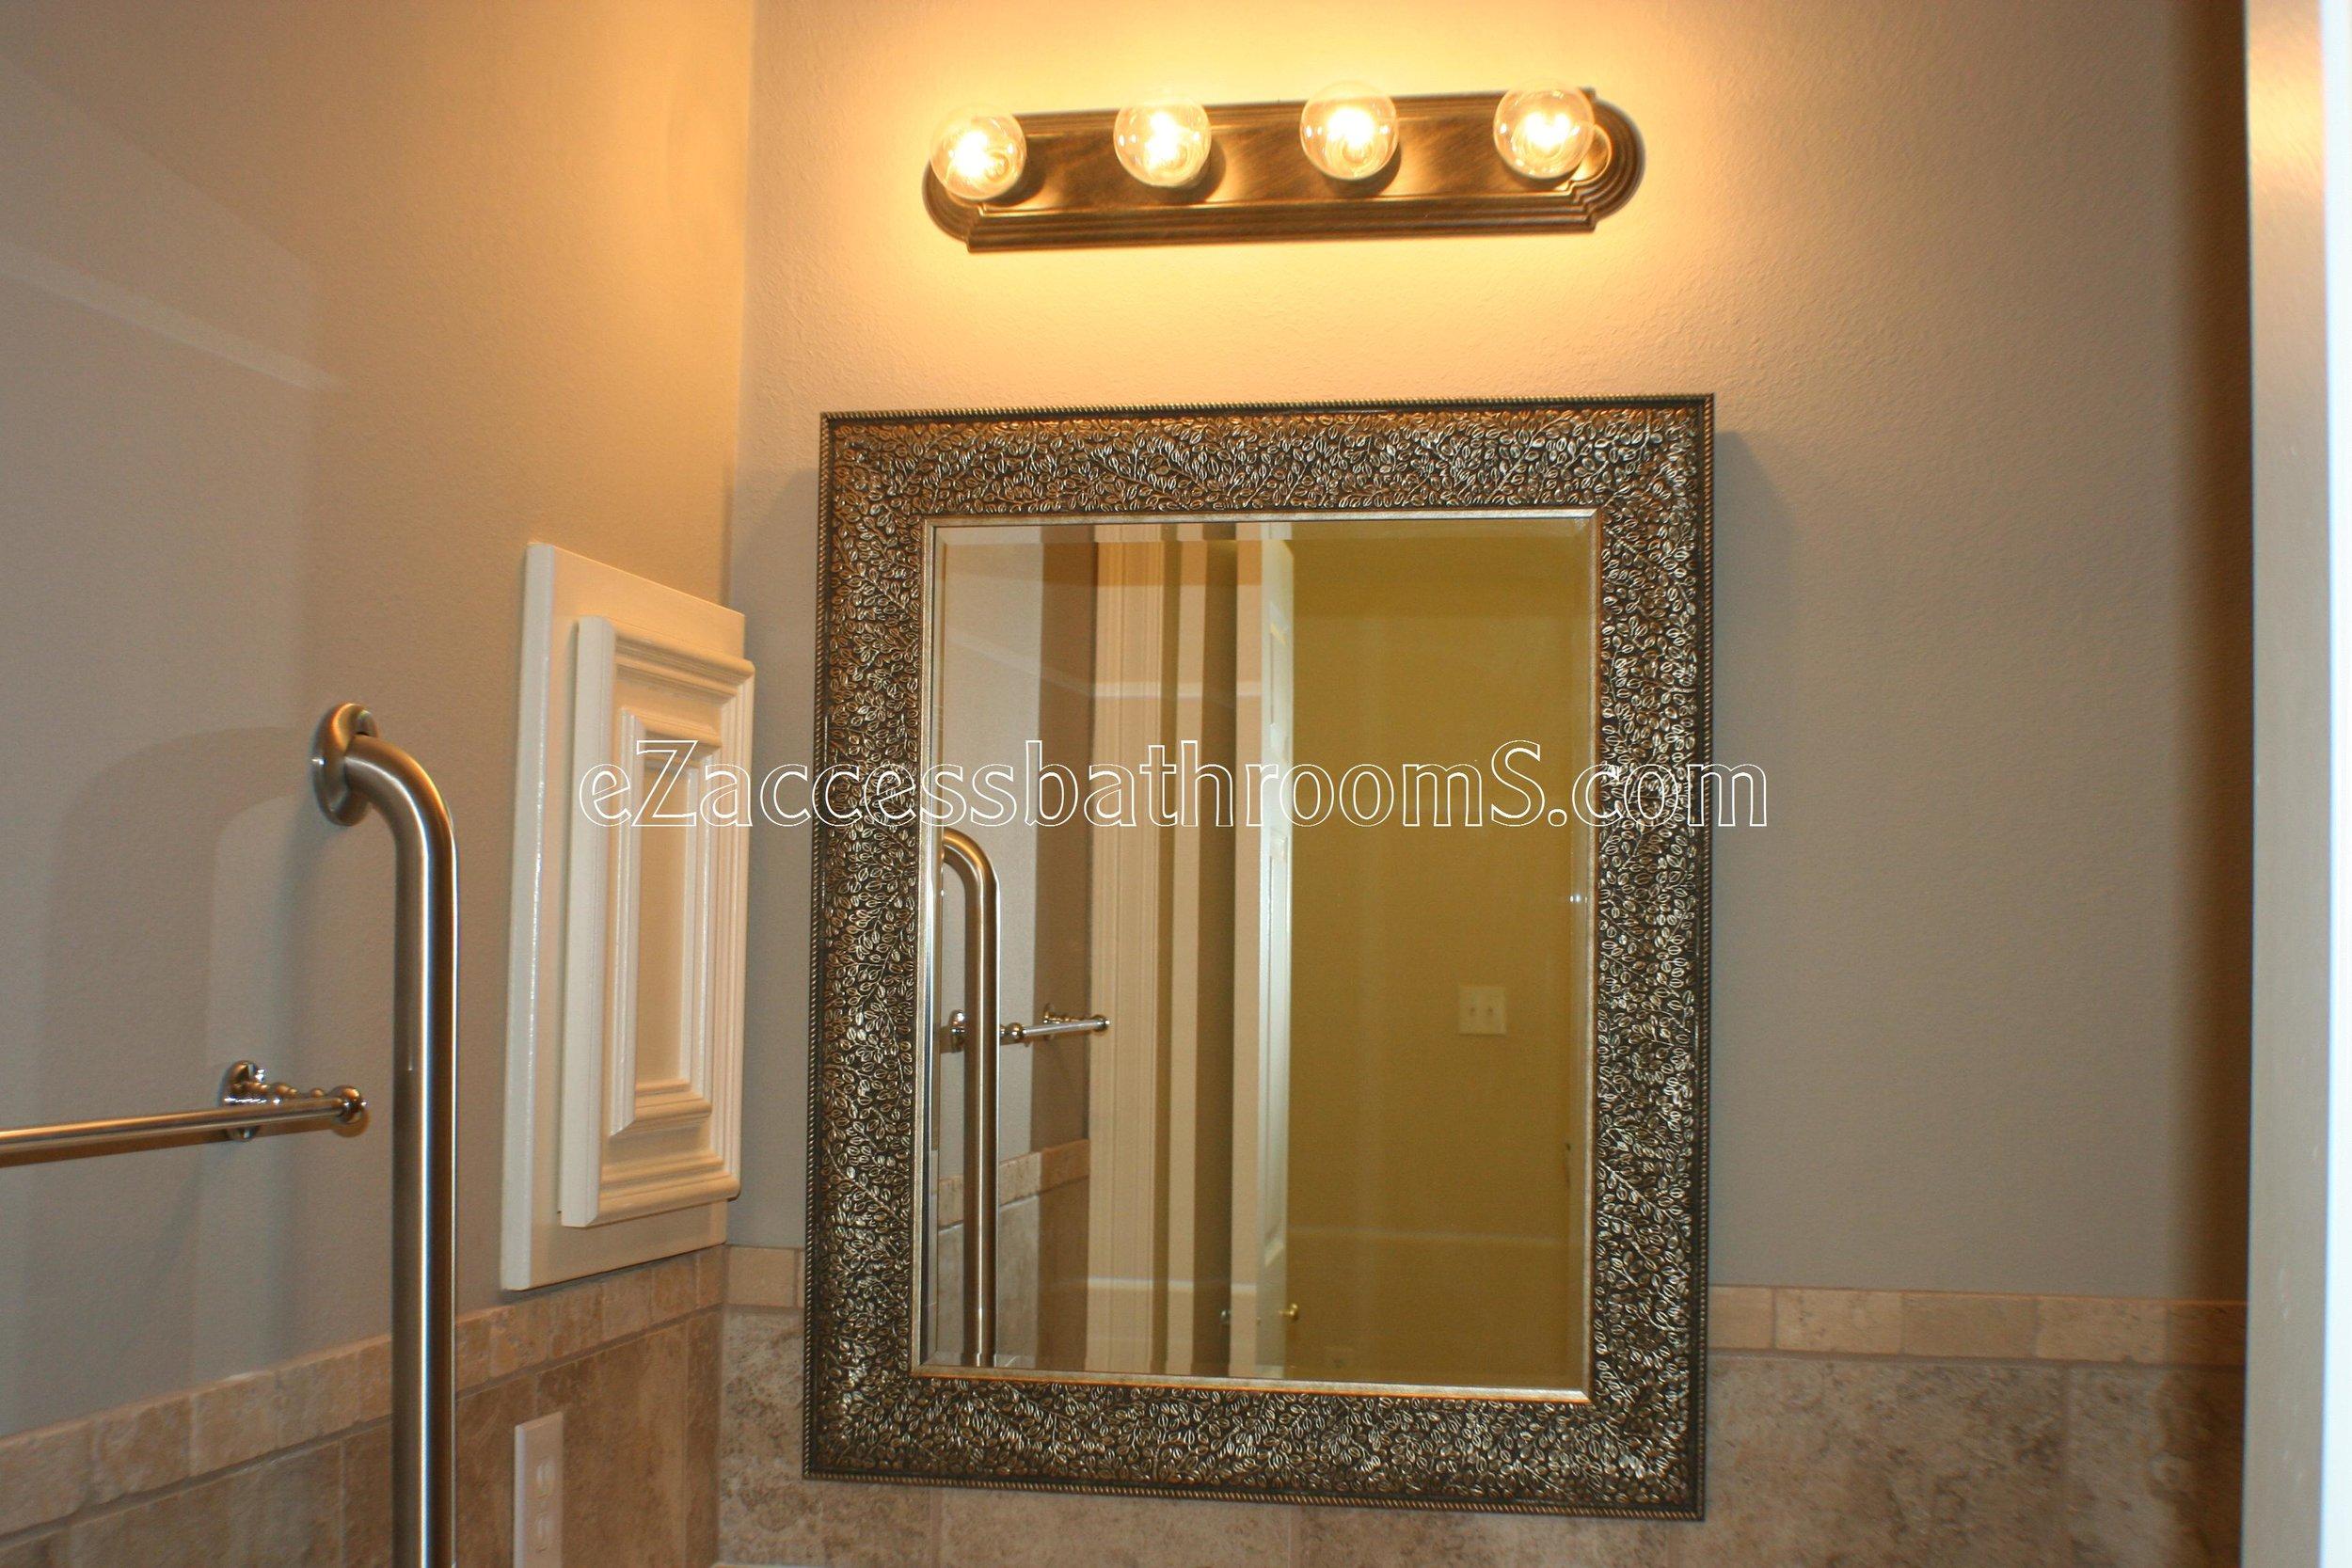 handicap bathroom 01 ezacessbathrooms.com 002.jpg